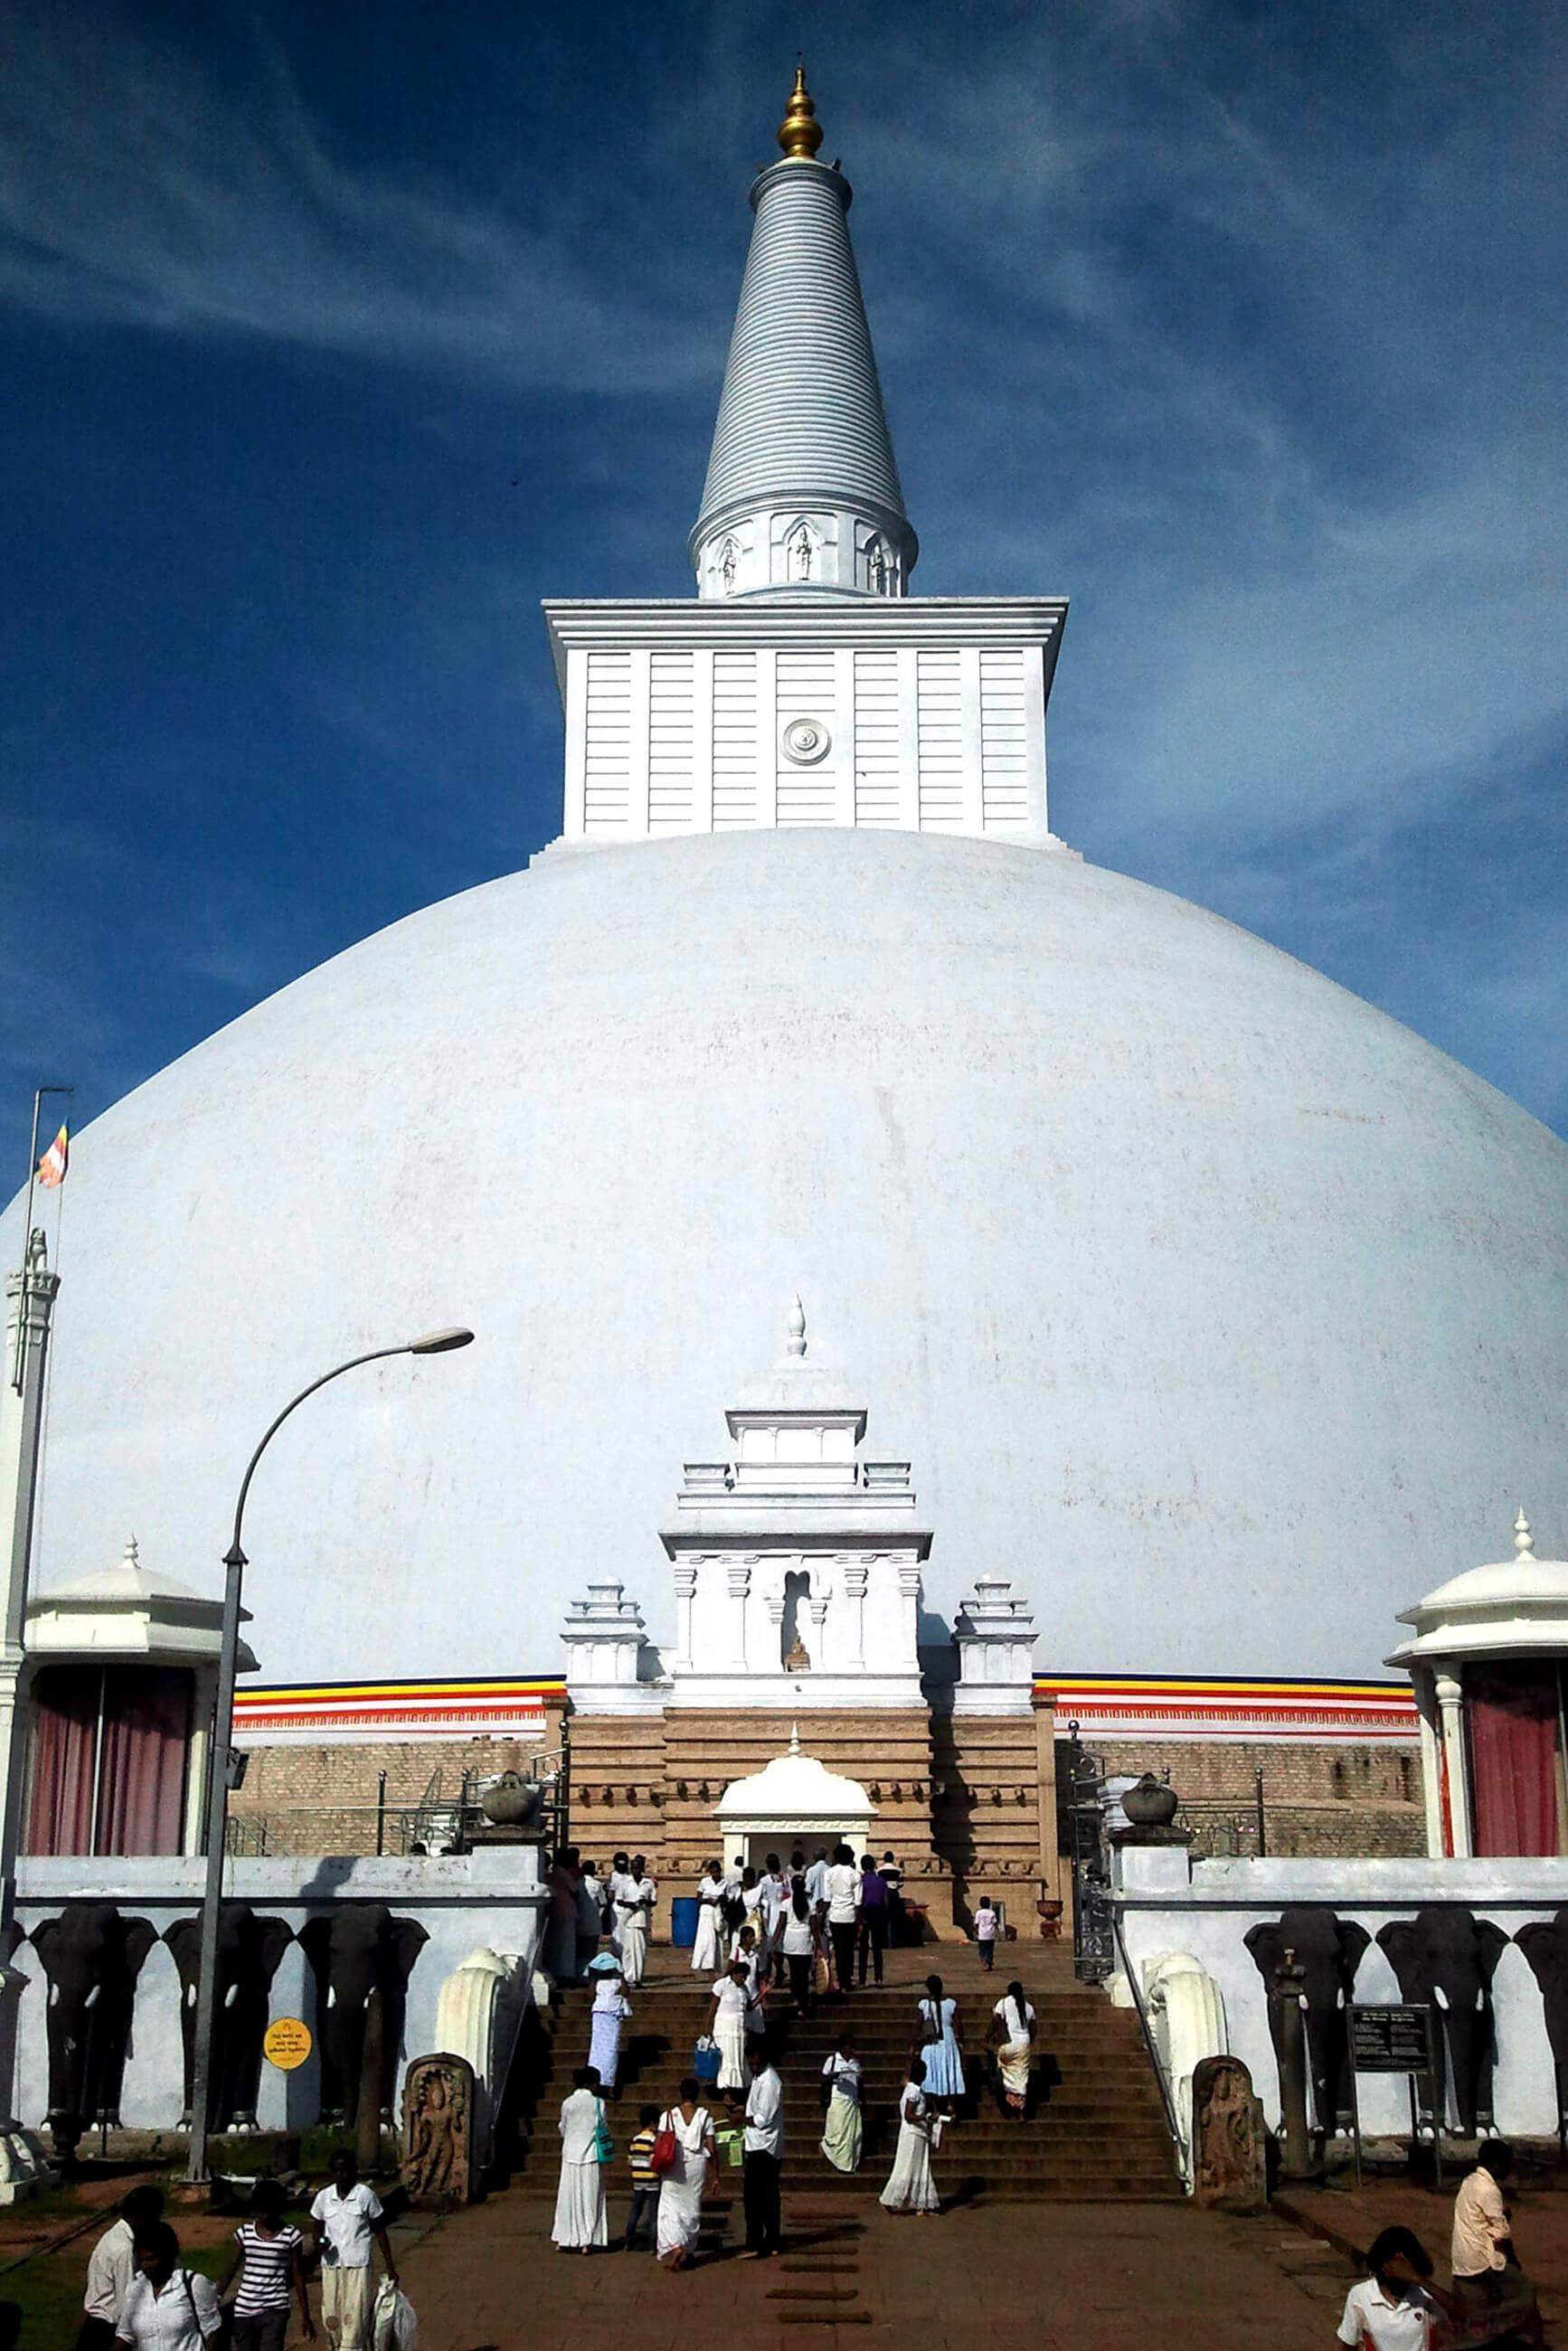 https://bubo.sk/uploads/galleries/5058/archiv_misogaj_srilanka_img_20141022_183822.jpg